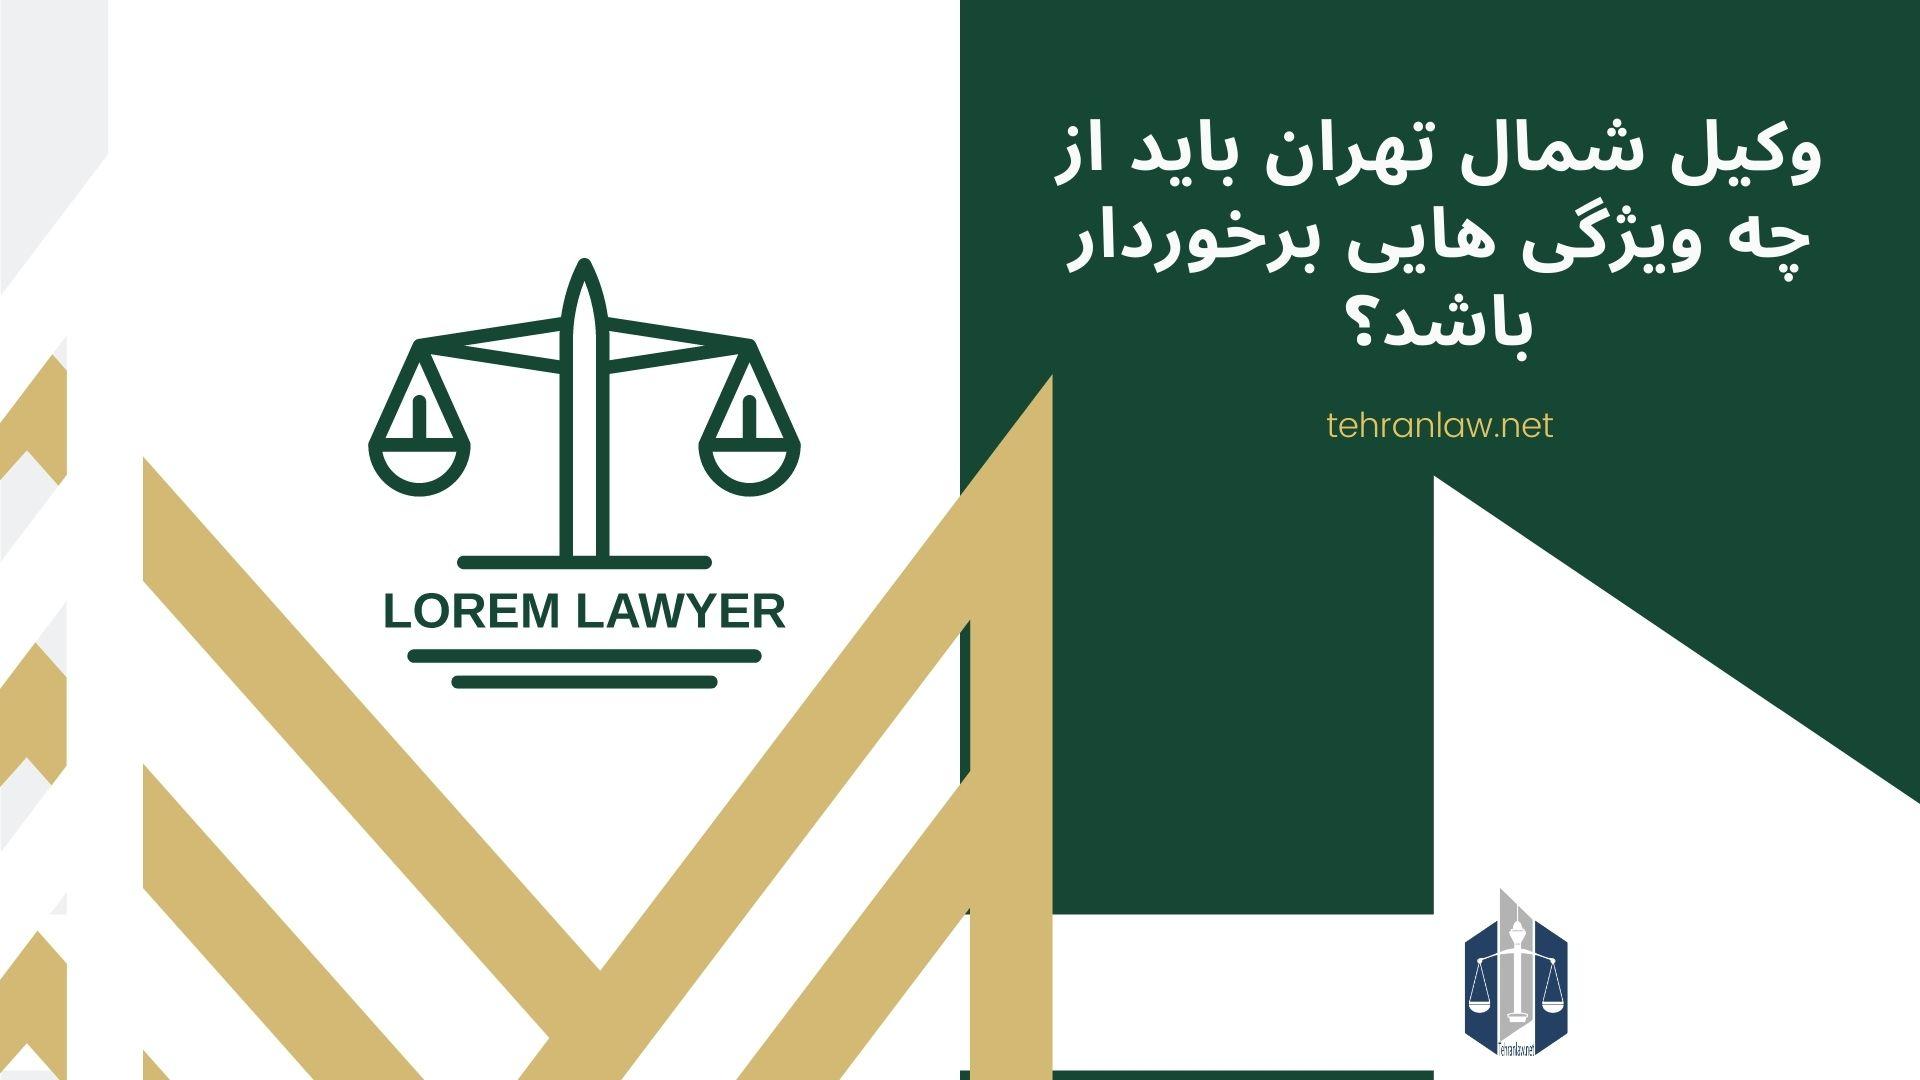 وکیل شمال تهران باید از چه ویژگی هایی برخوردار باشد؟